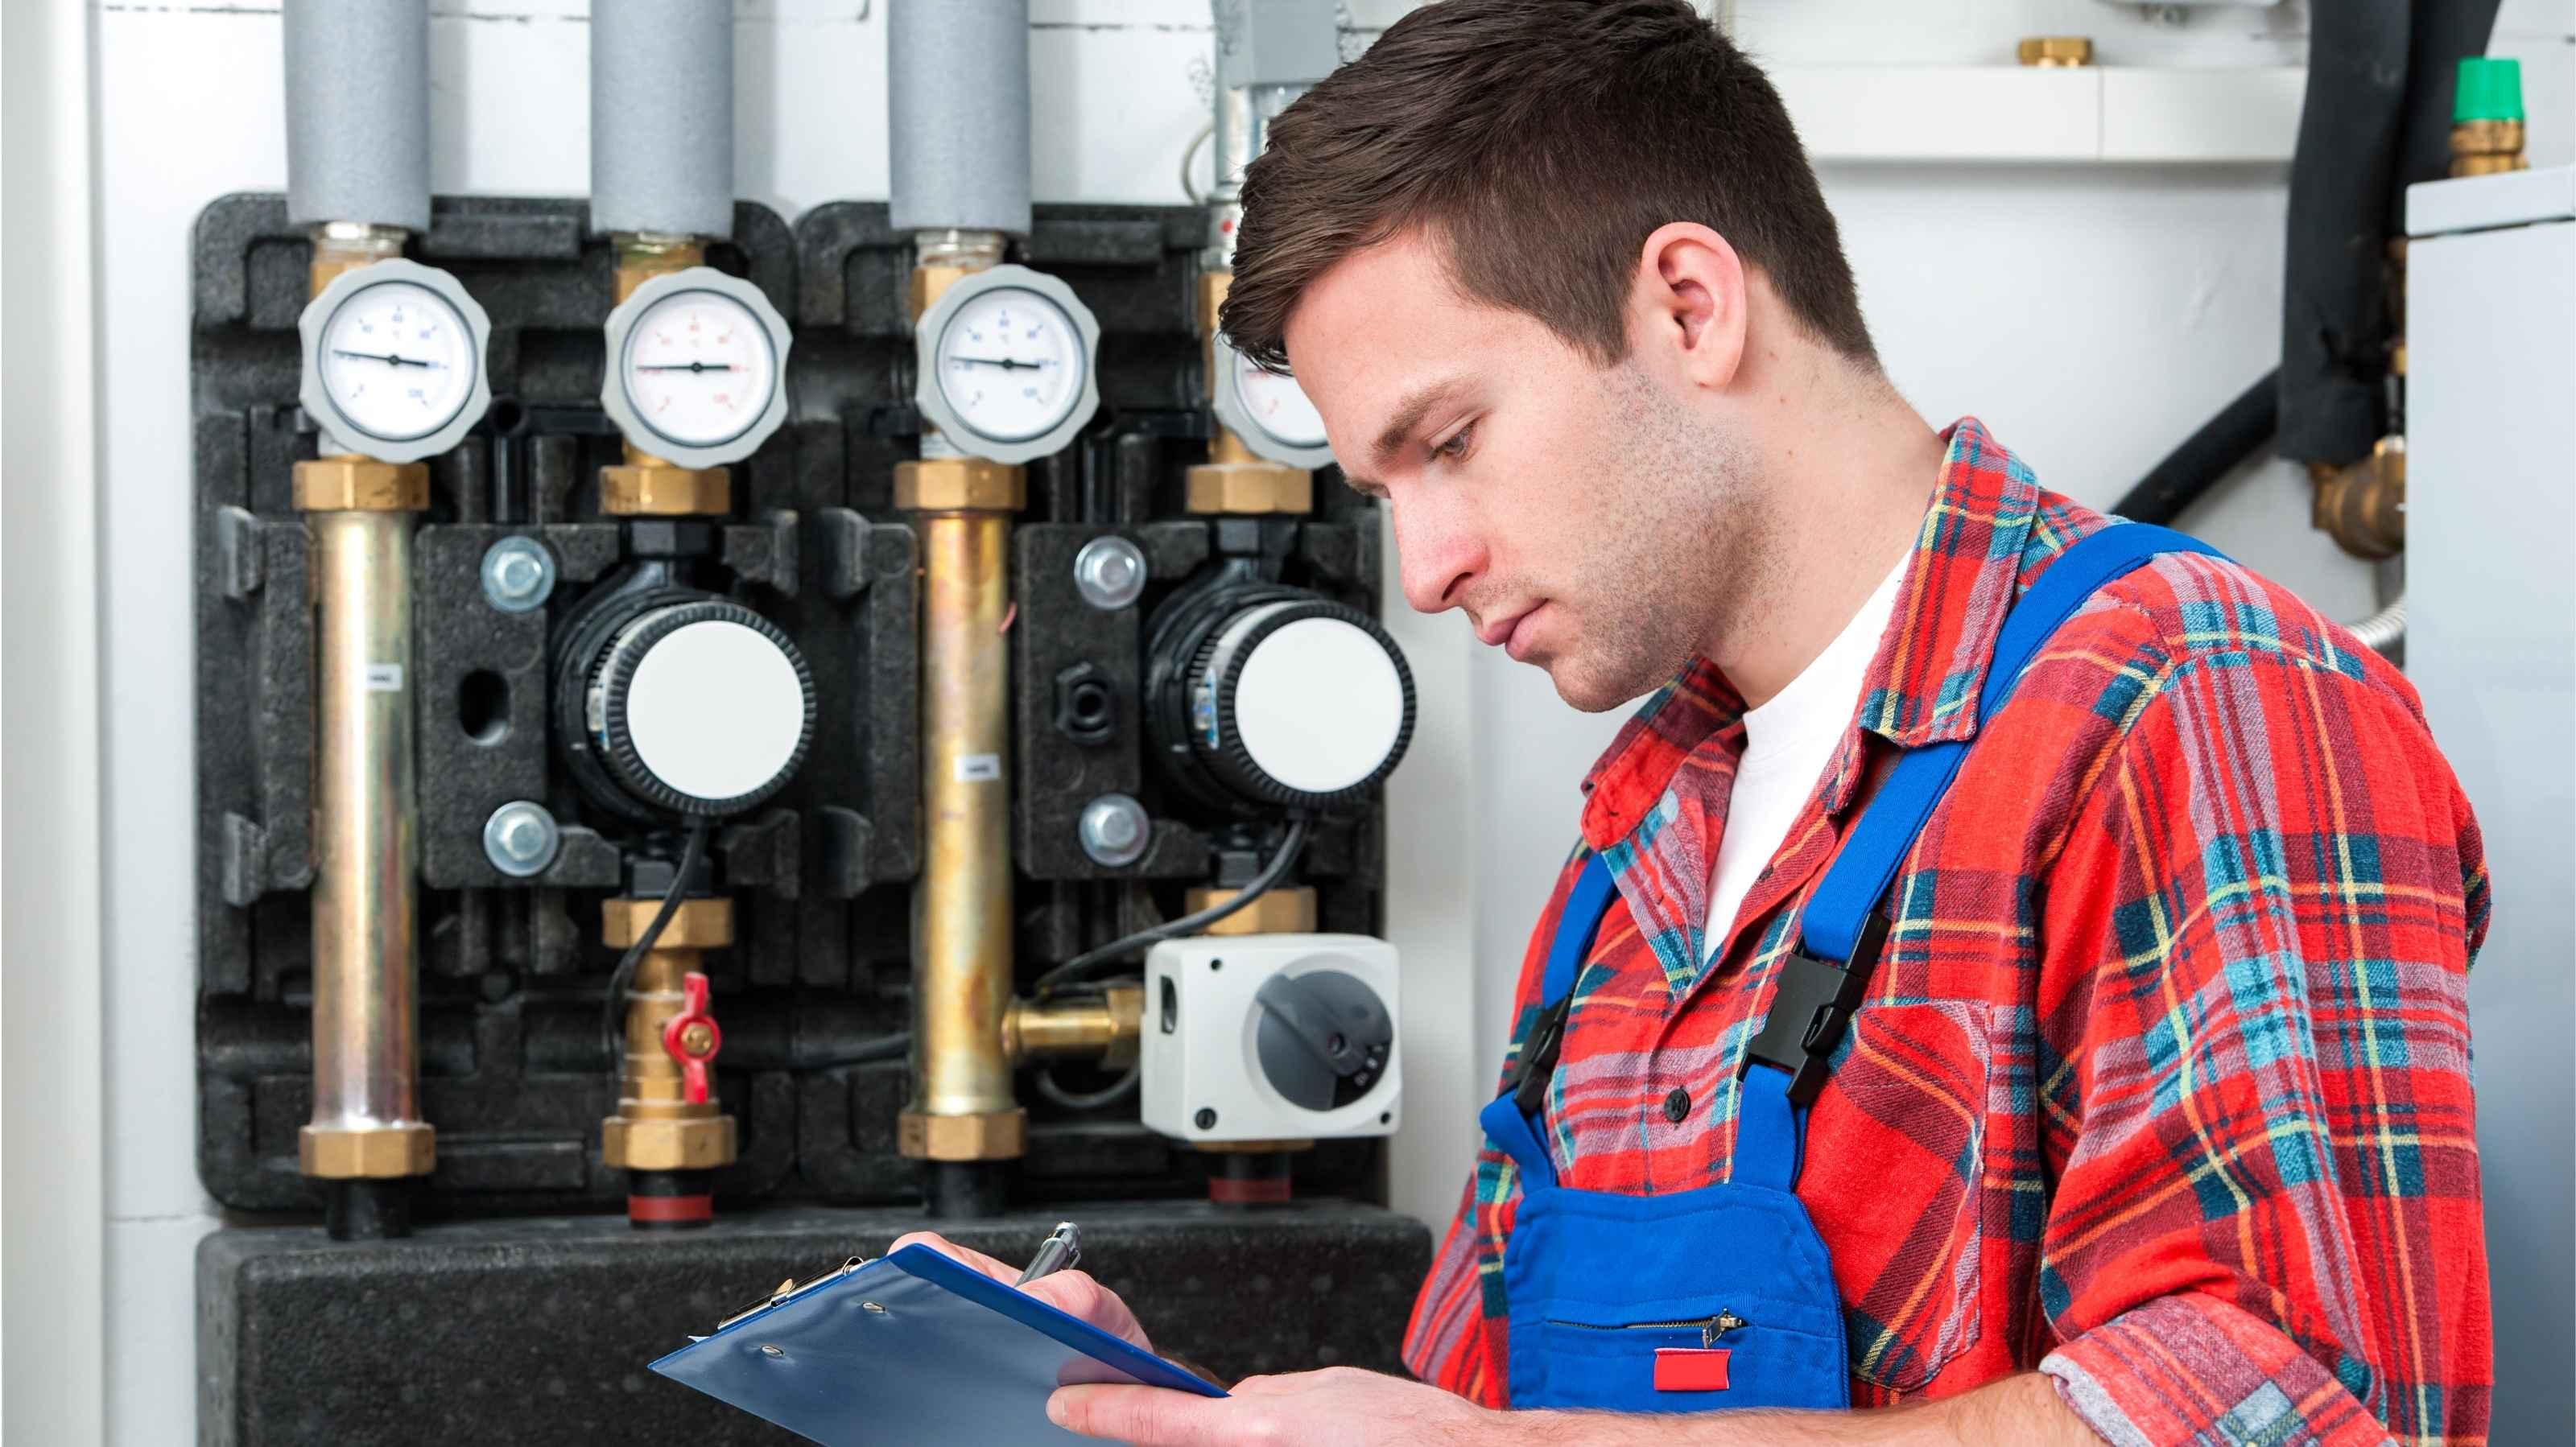 Сервис систем отопления в компании Альтер Эйр